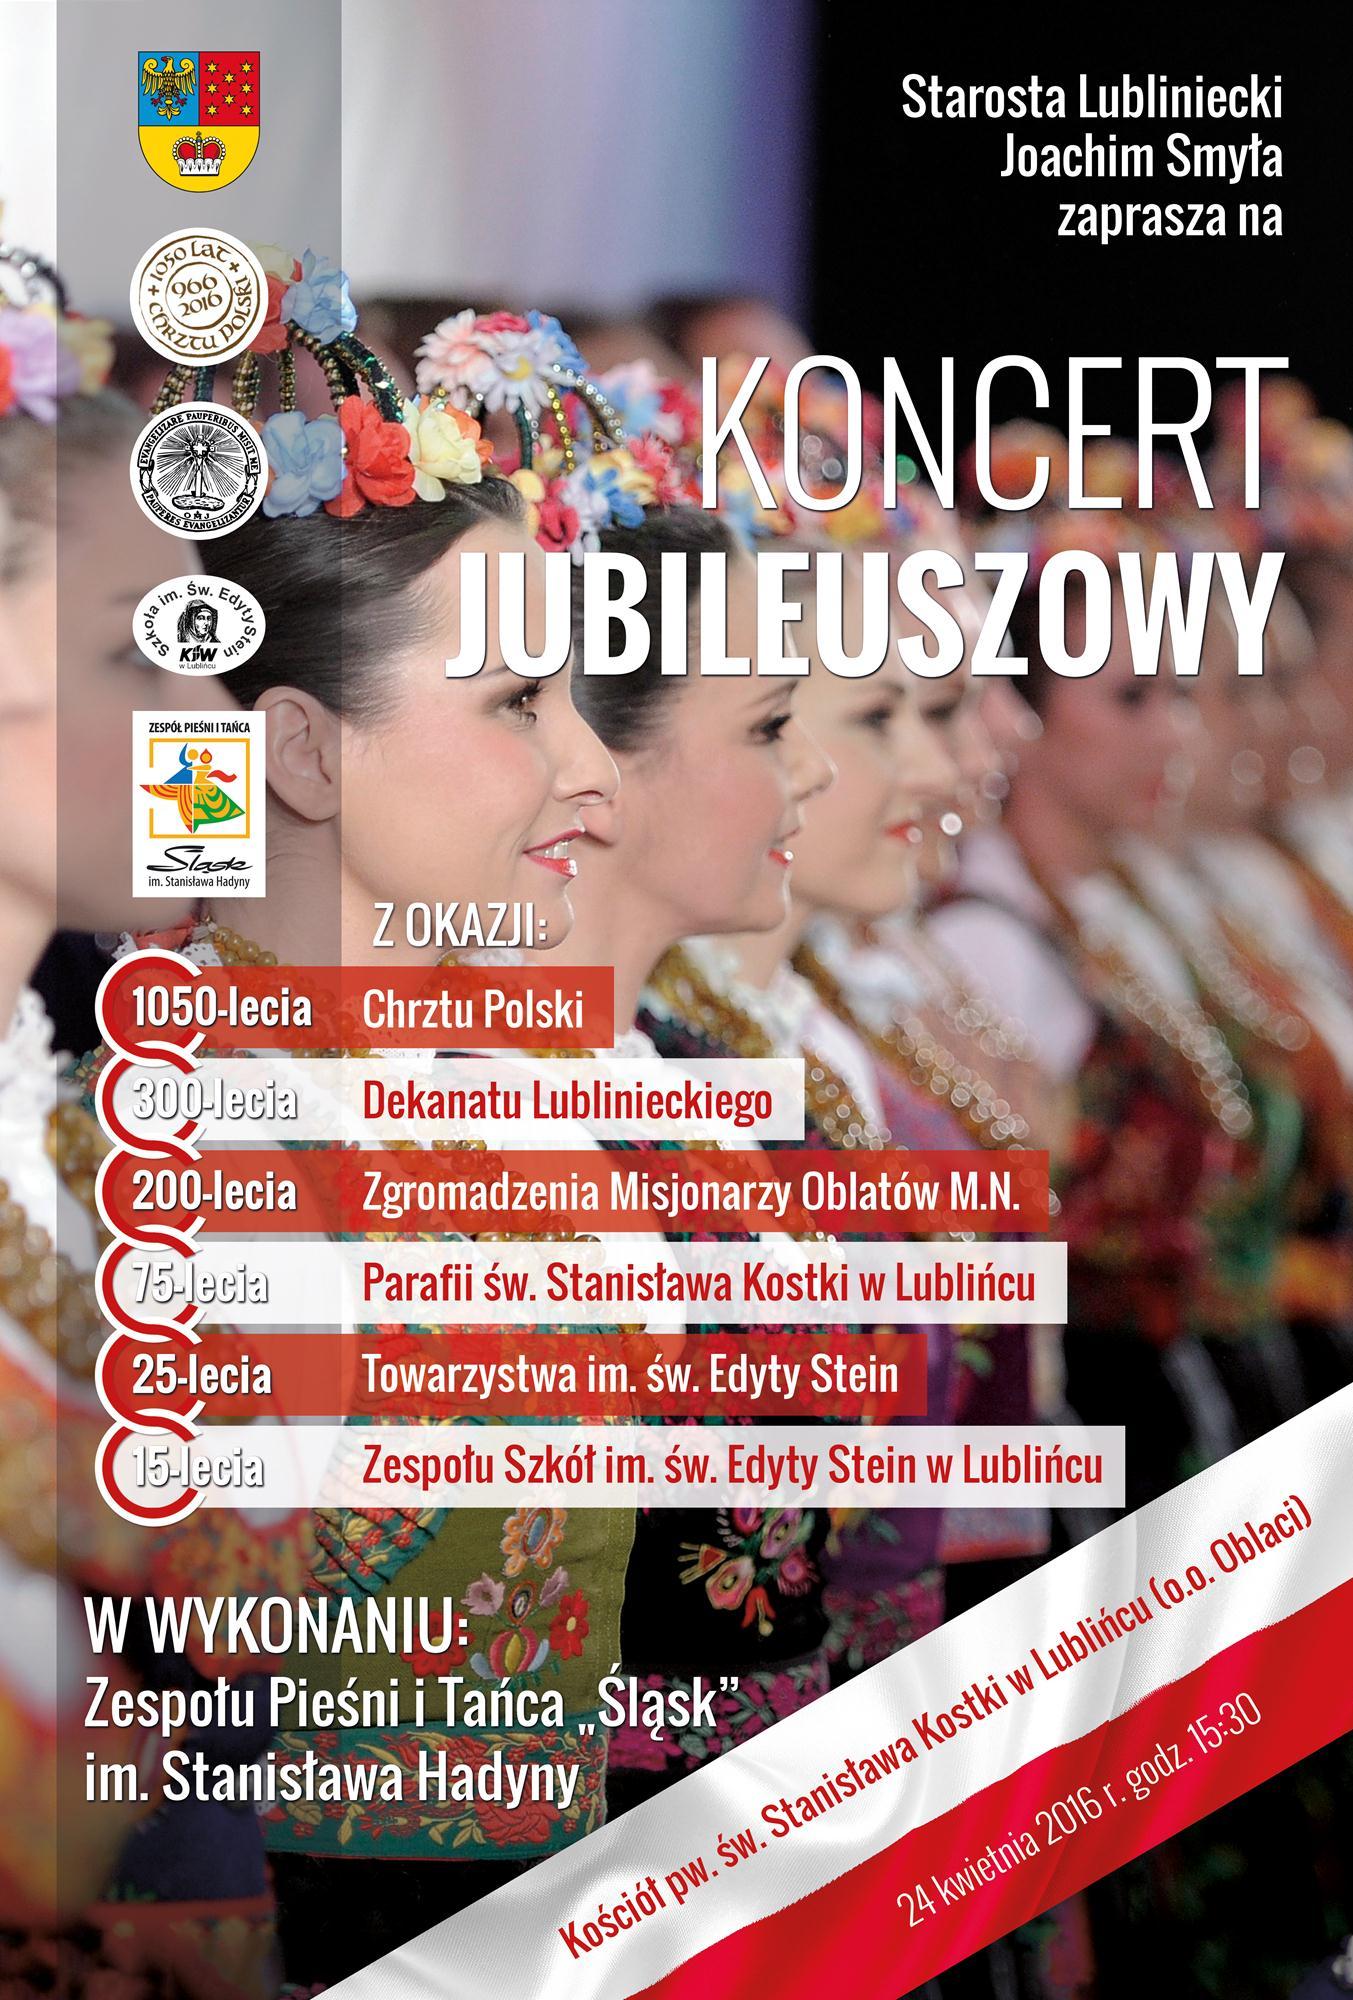 plakat-koncert-jubileuszowy-Miroslaw-Wlodarczyk (Copy)